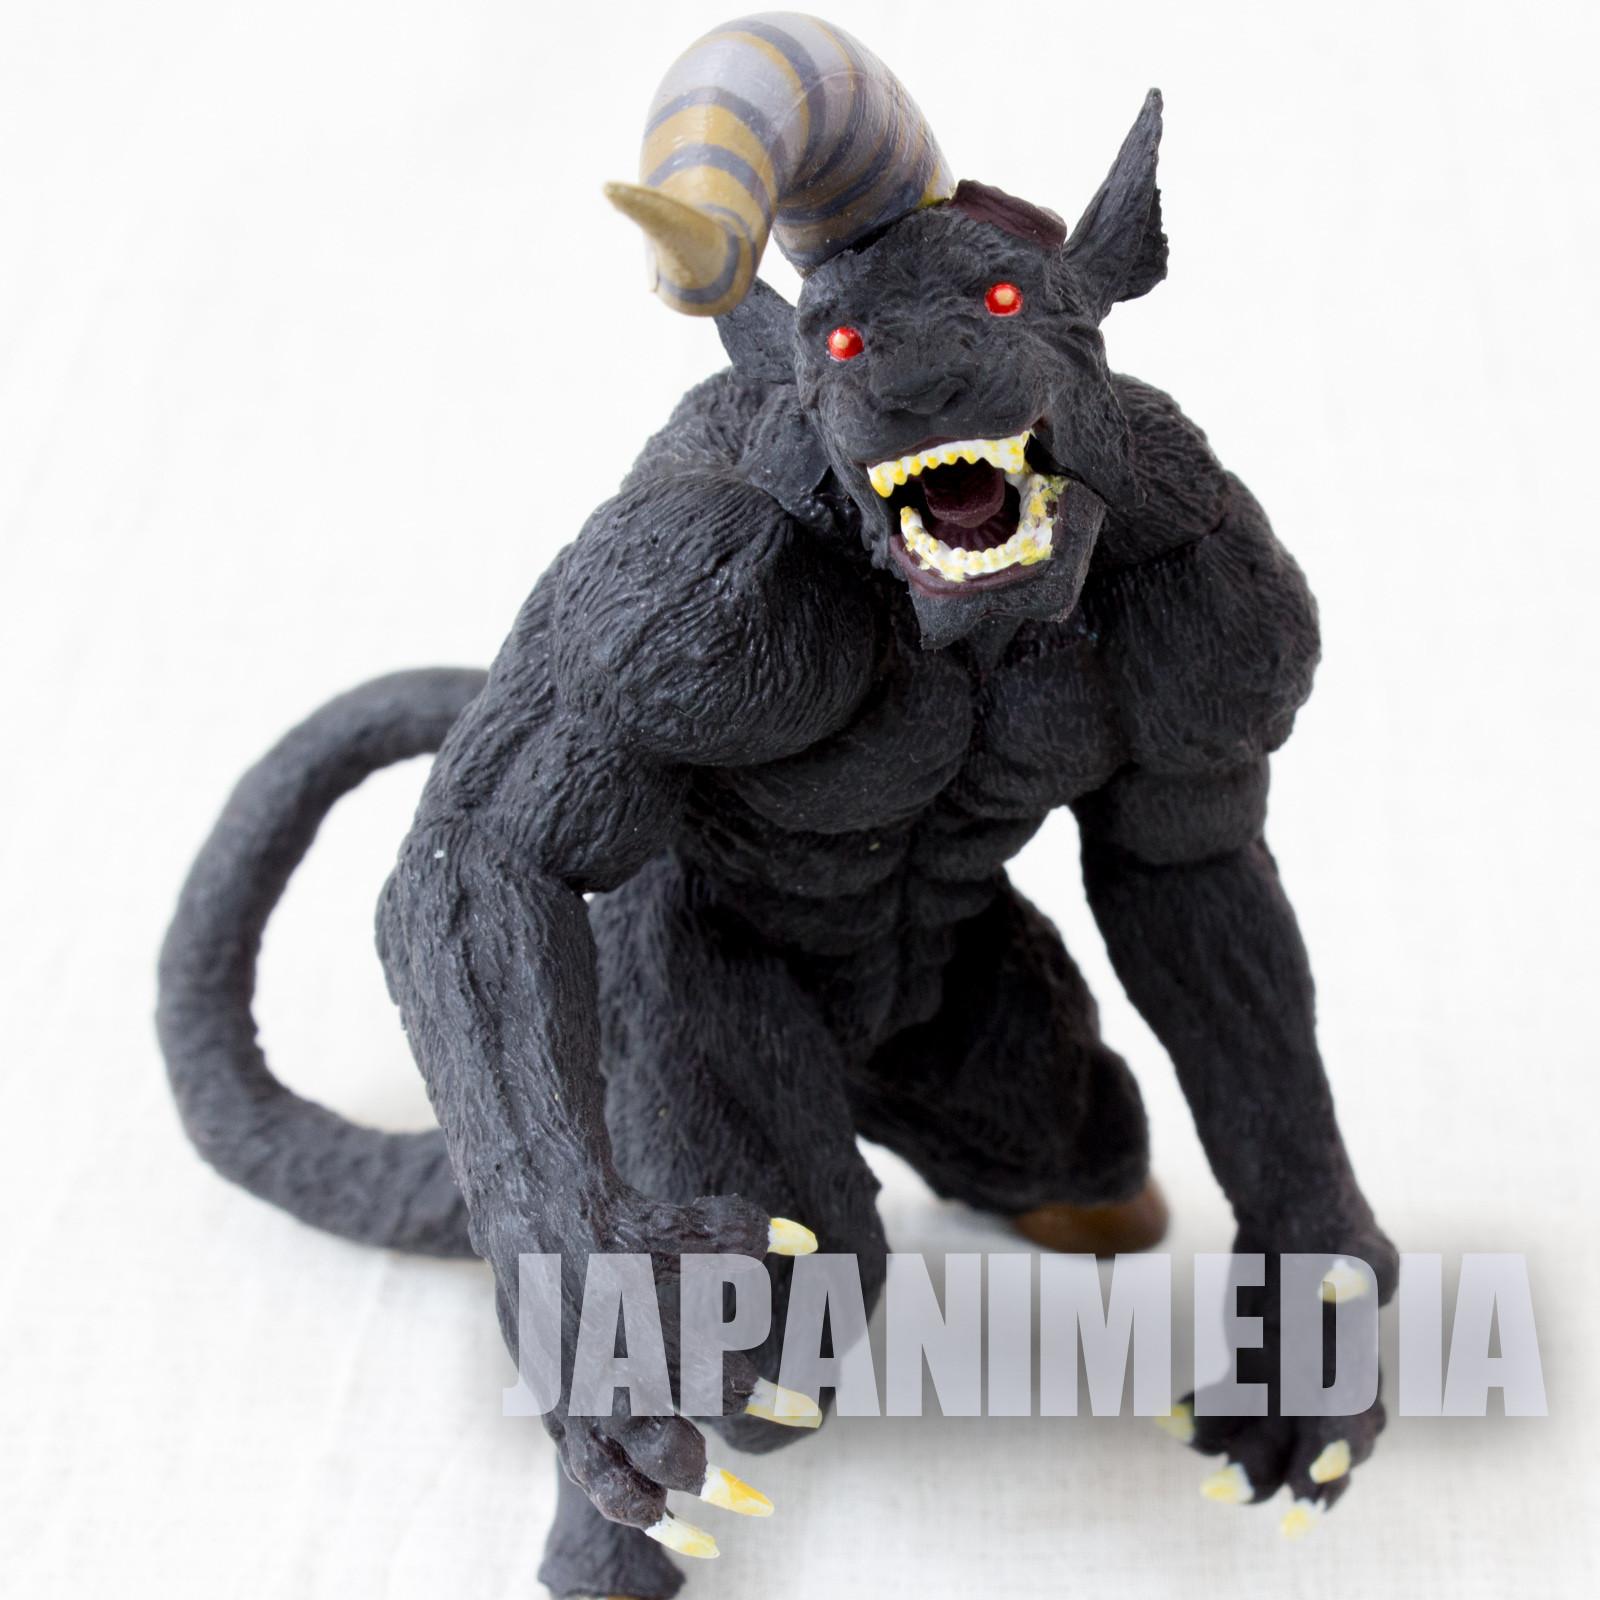 Berserk ZODD Mini Figure Playstation 2 Limited Edition JAPAN ANIME MANGA USED